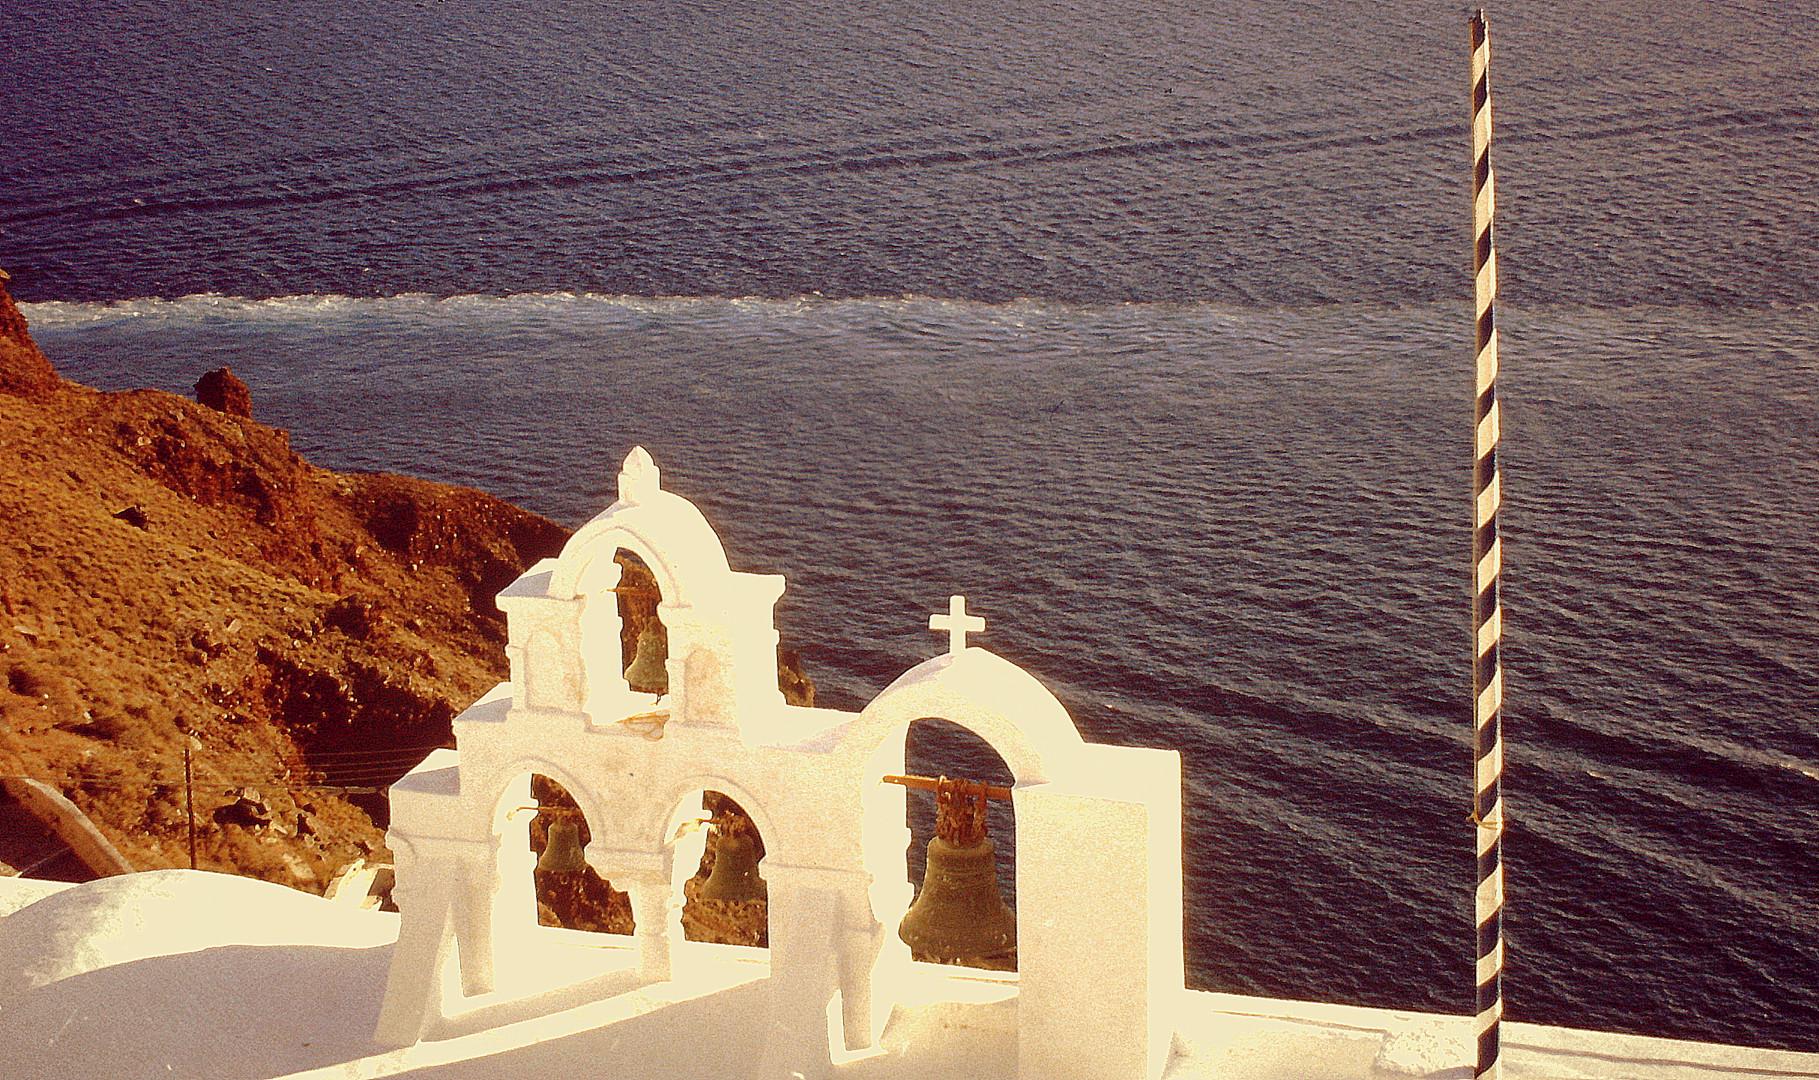 ein lauschiger Platz auf Santorin - lange her